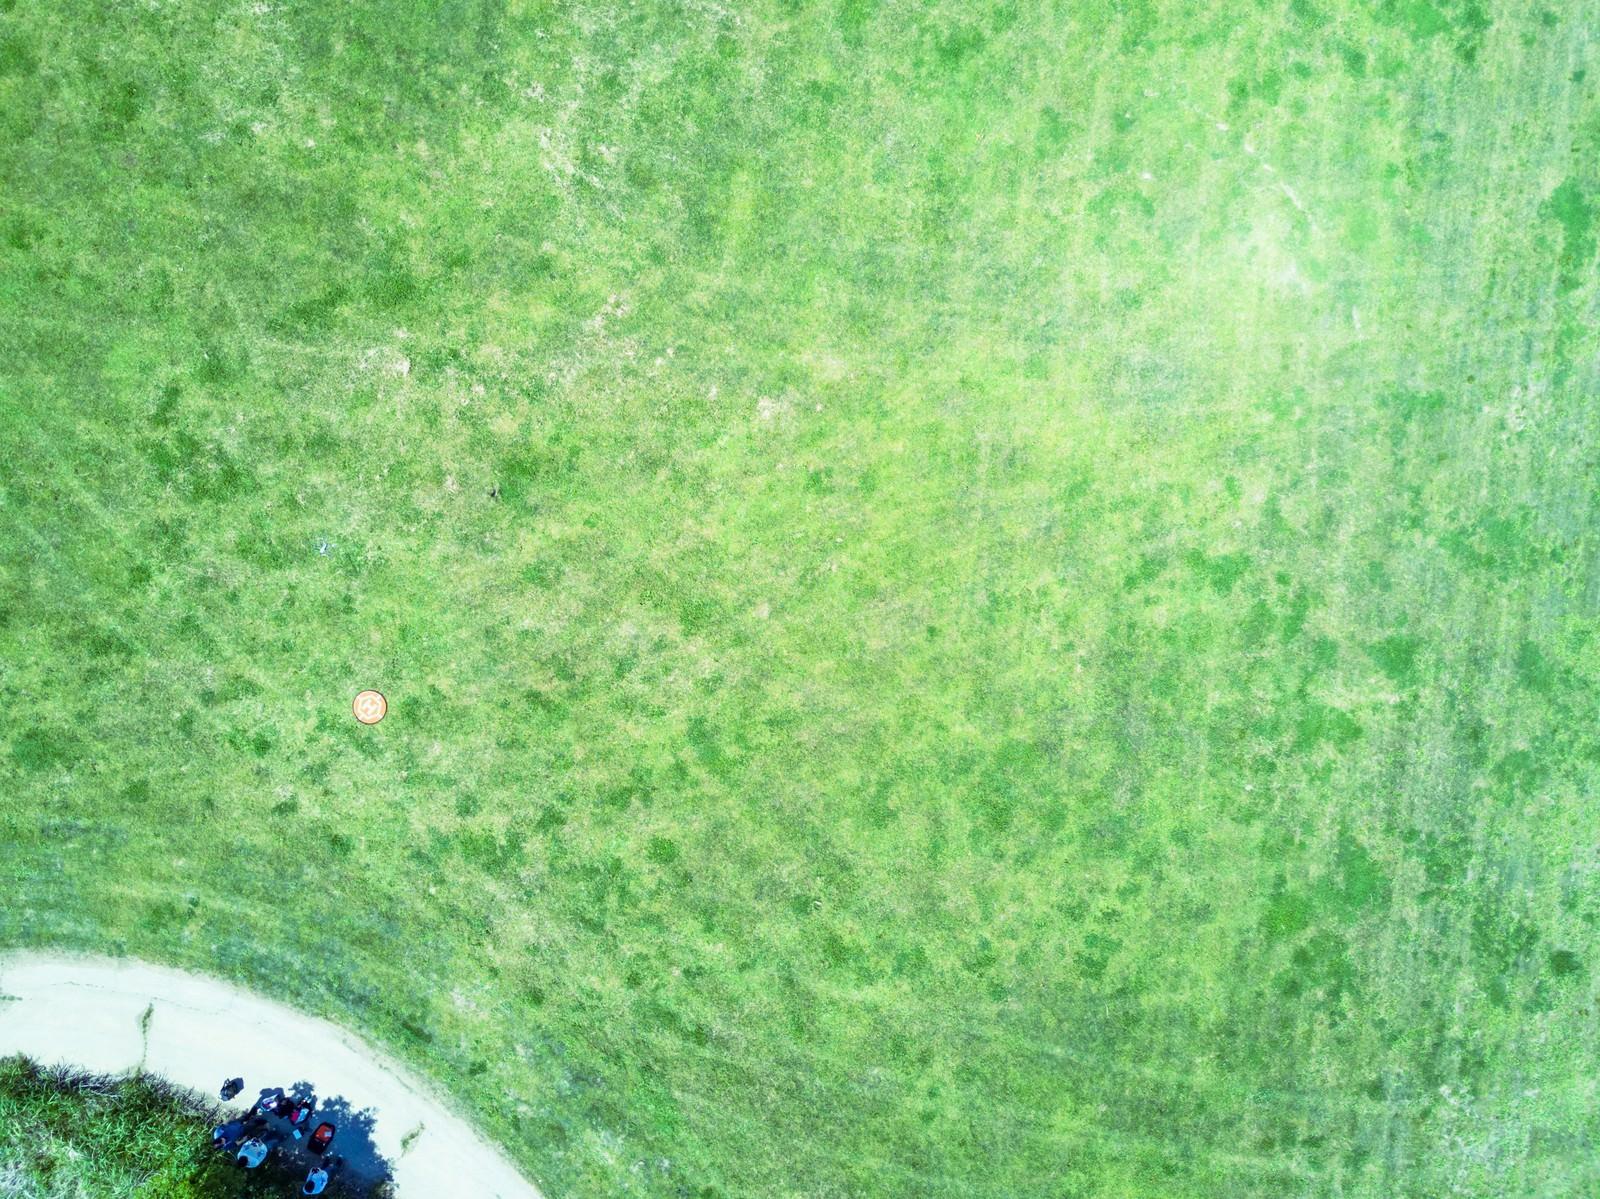 「古河市渡良瀬川の河川敷にあるドローン練習場(上空)」の写真